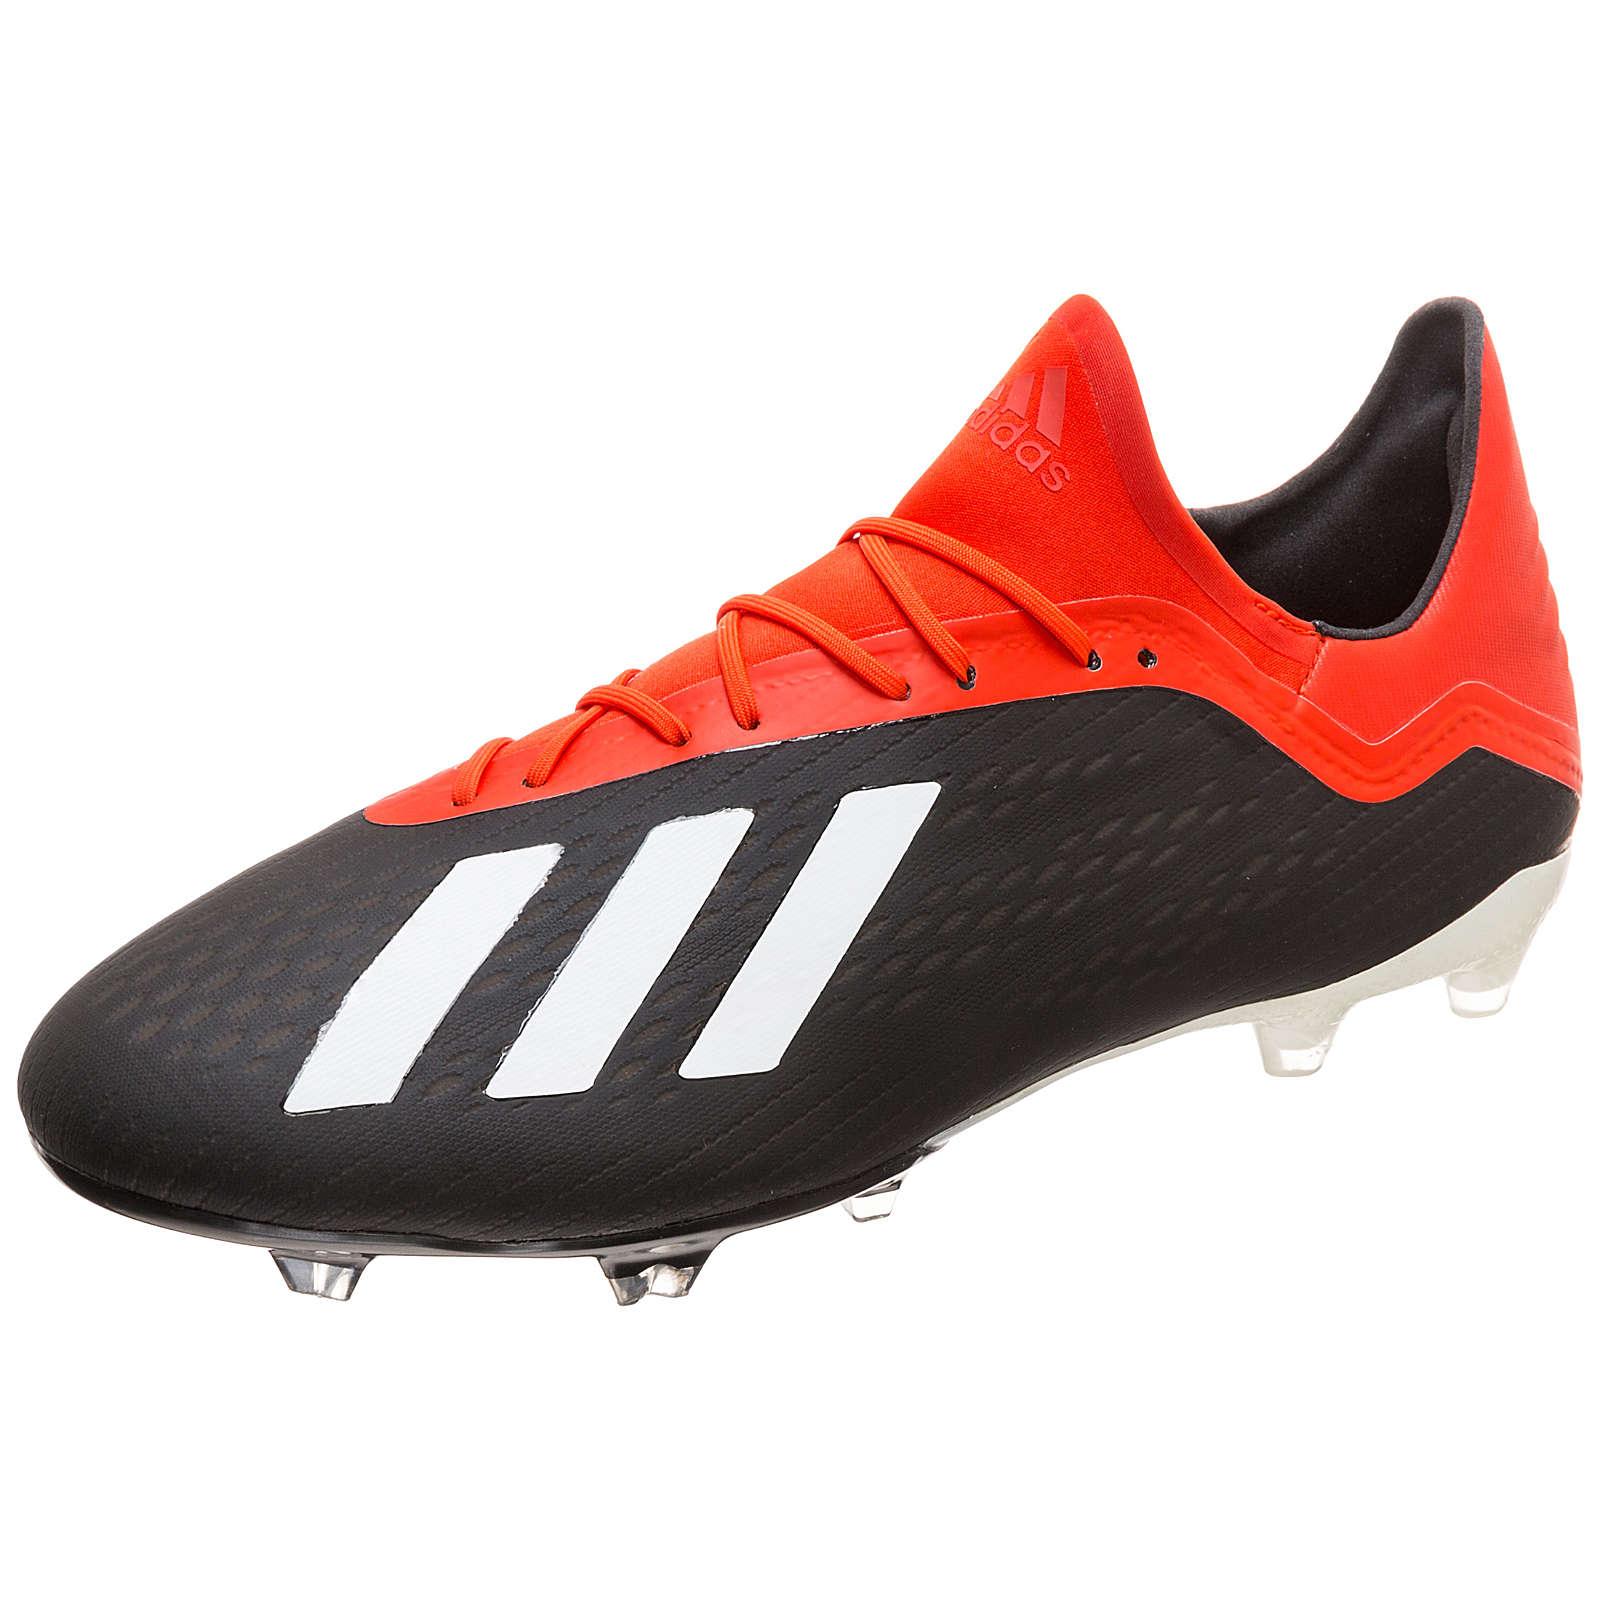 adidas Performance X 18.2 FG Fußballschuh Herren schwarz/rot Herren Gr. 48 2/3